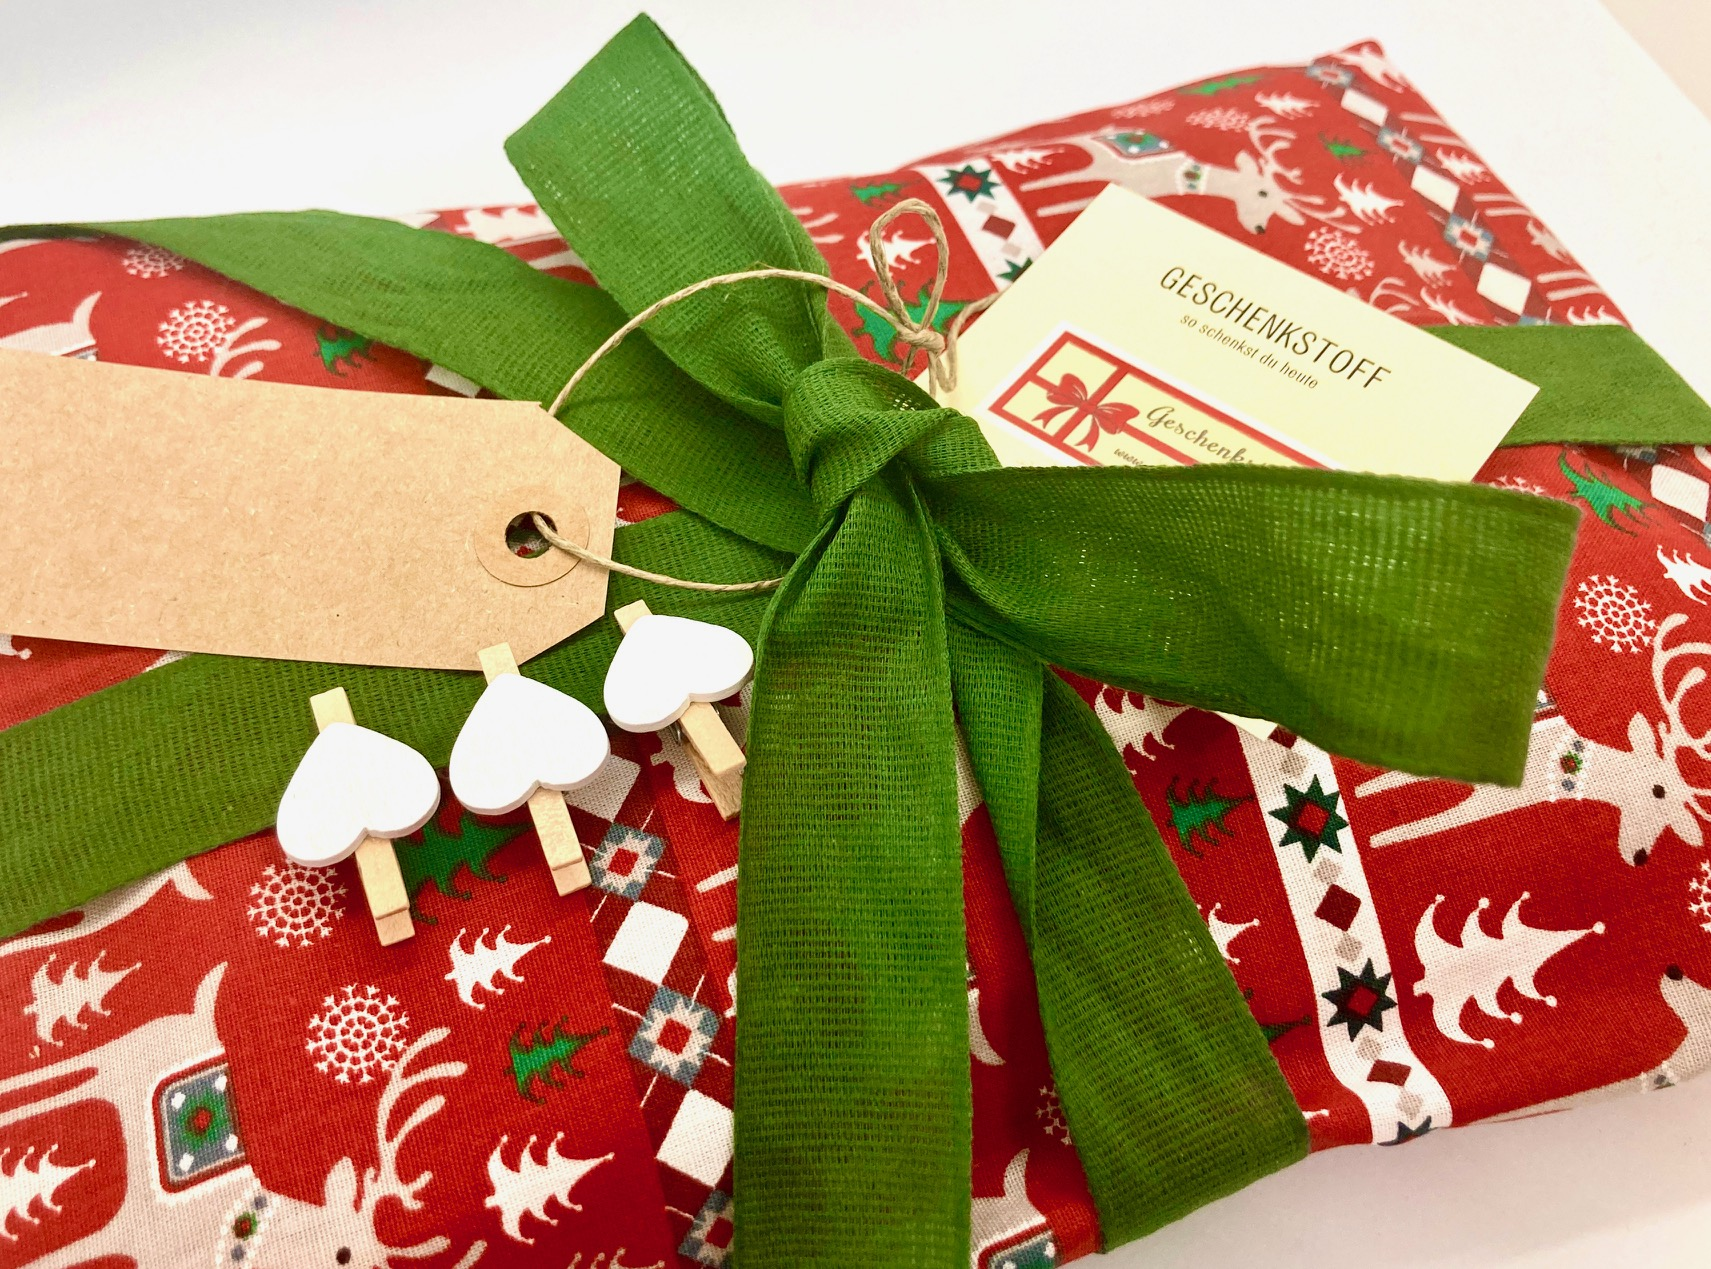 Das perfekte Weihnachtsgeschenk: Schenk Geschenkstoff 3